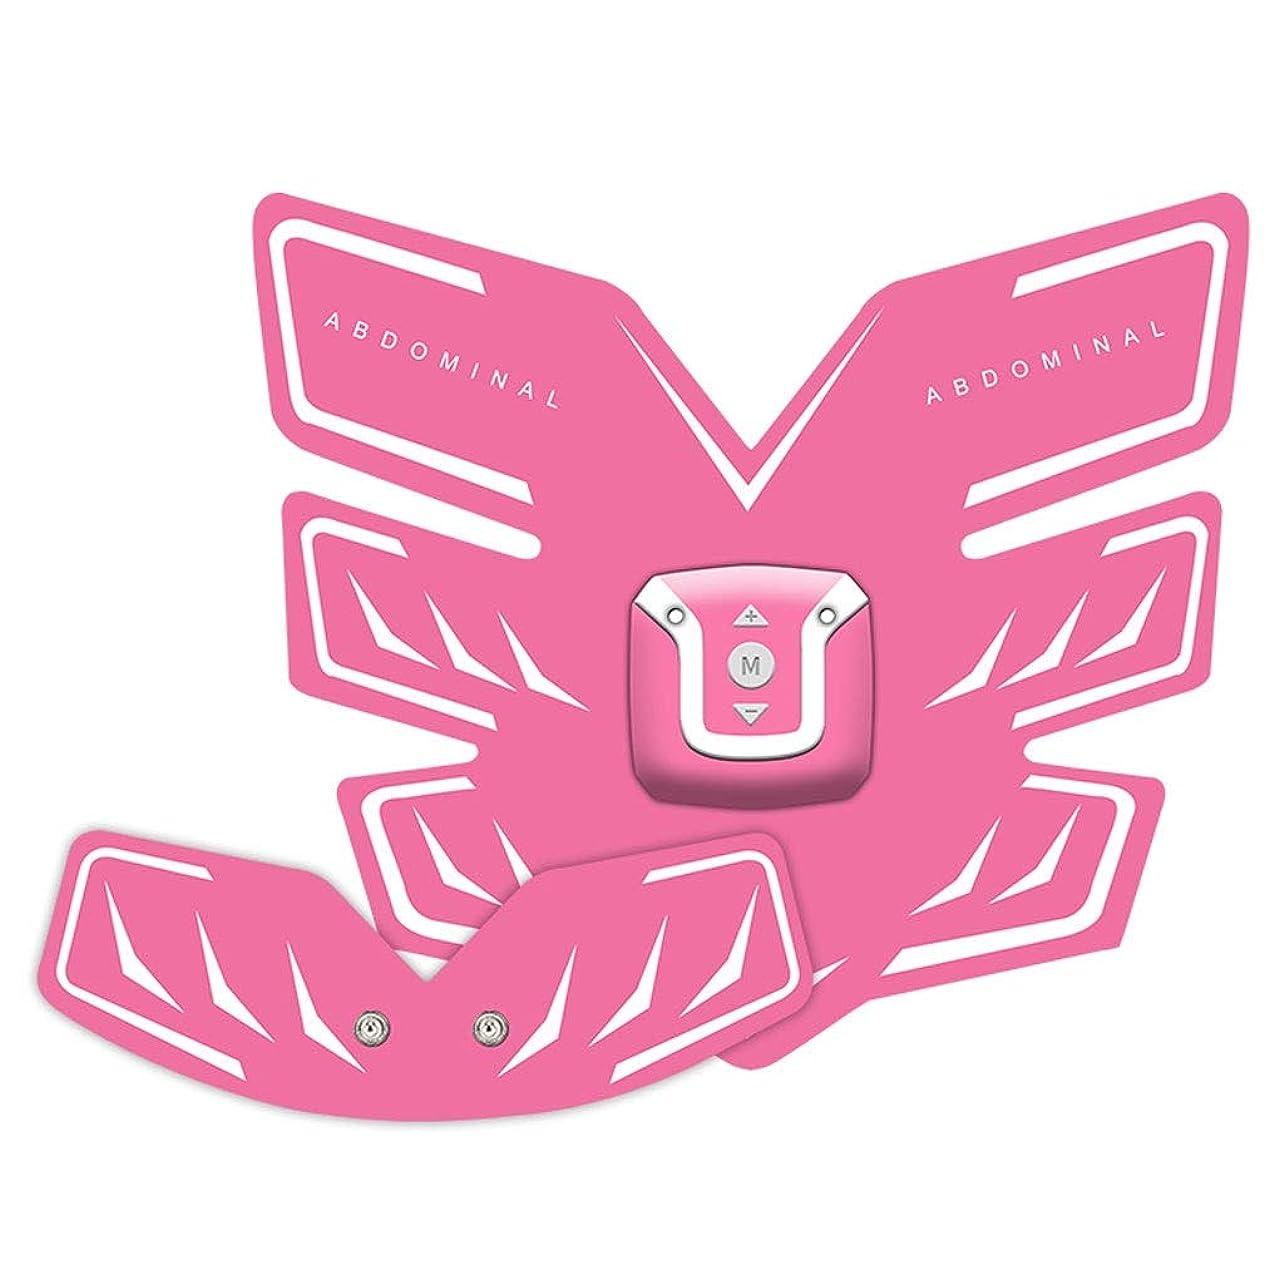 壁紙生物学不当Usb充電筋肉トナー腹筋absシミュレータ腹部トレーニングワイヤレスemsトレーニングホームオフィス用腹部腕脚トレーニングホームオフィスエクササイズ (Color : Pink, Size : A+B)